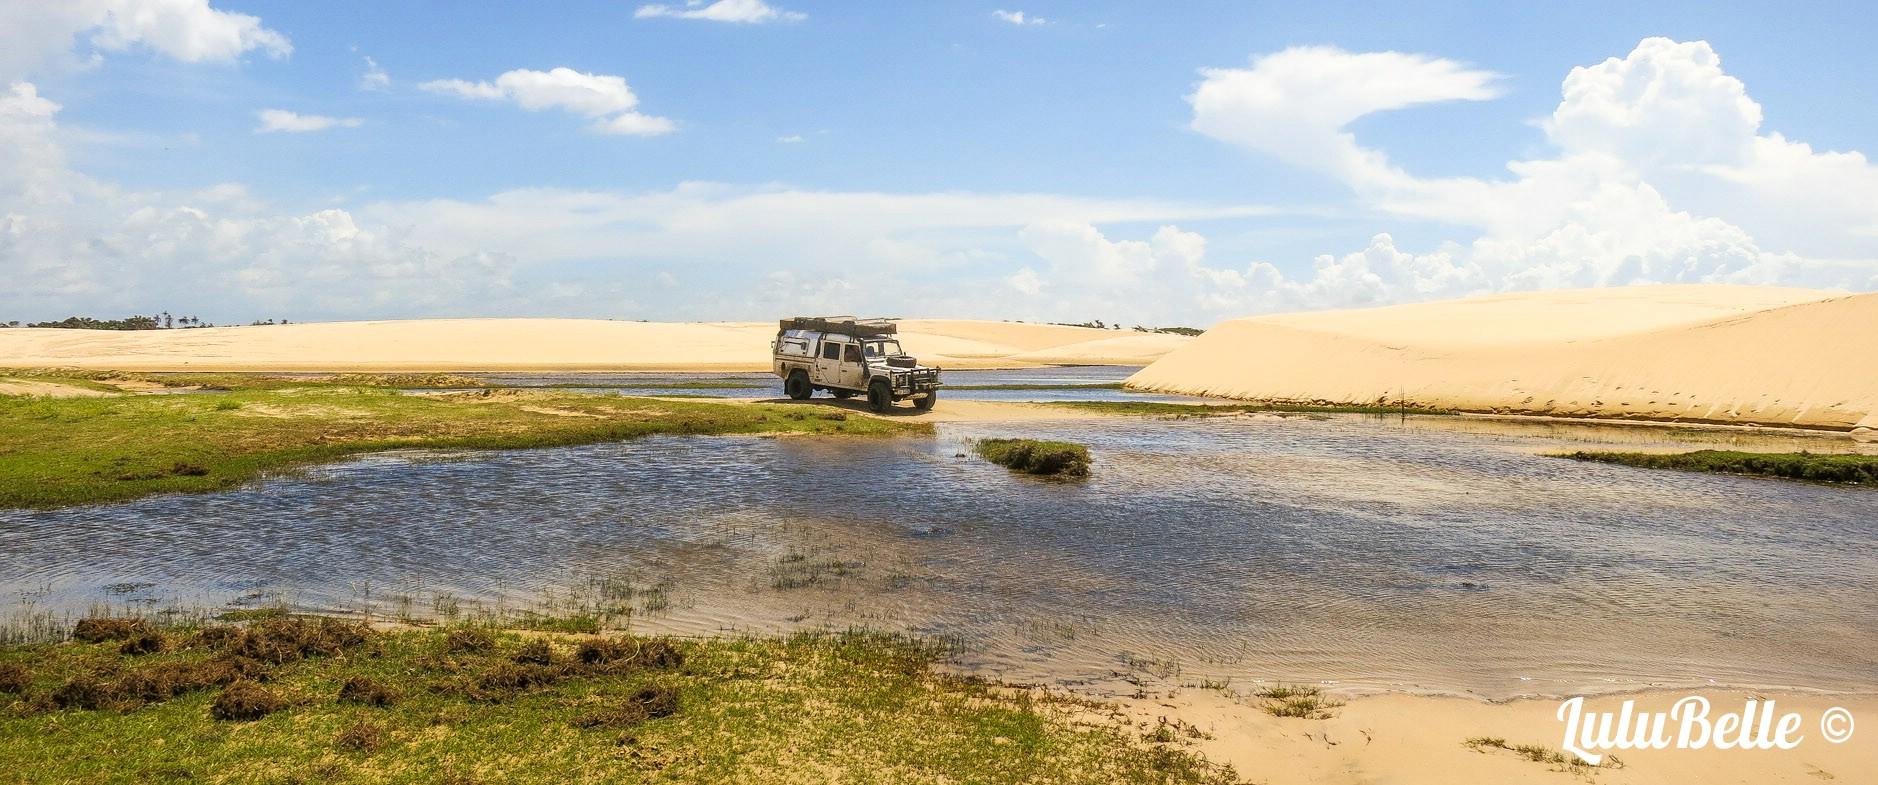 Lencois Maranhenses, A2A Expedition